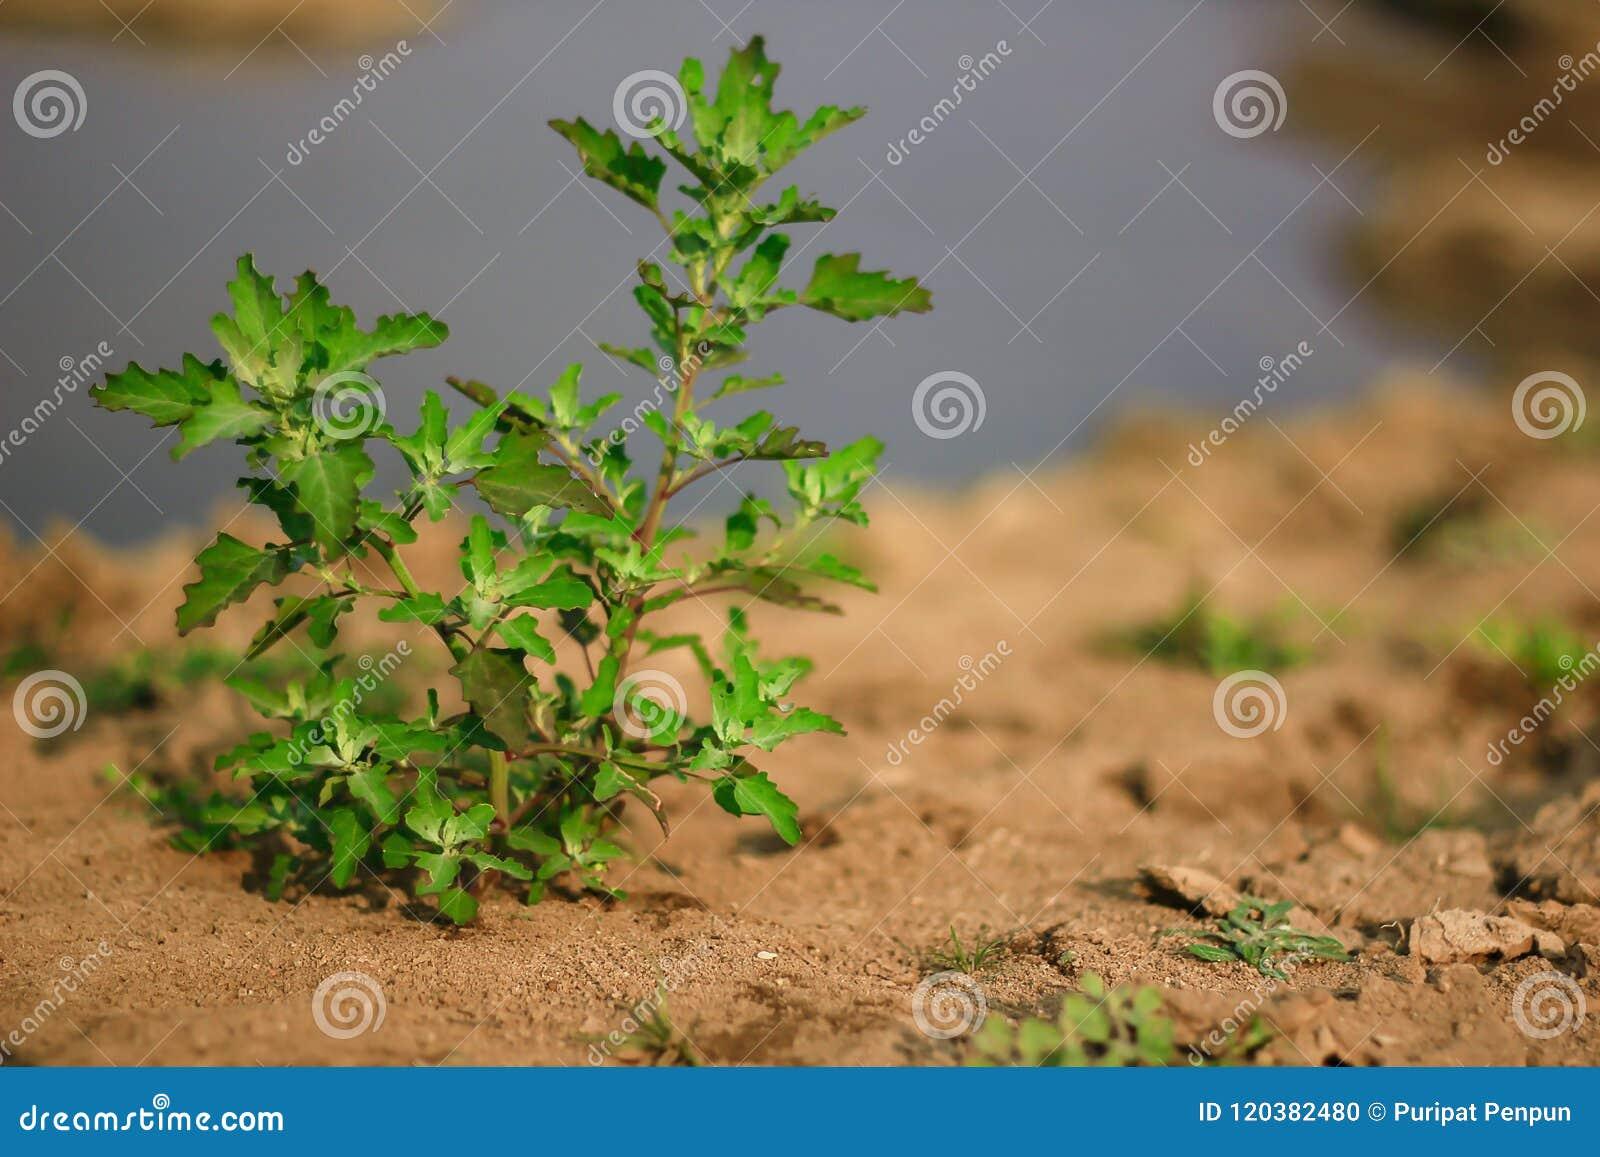 Зеленое дерево на сухой почве